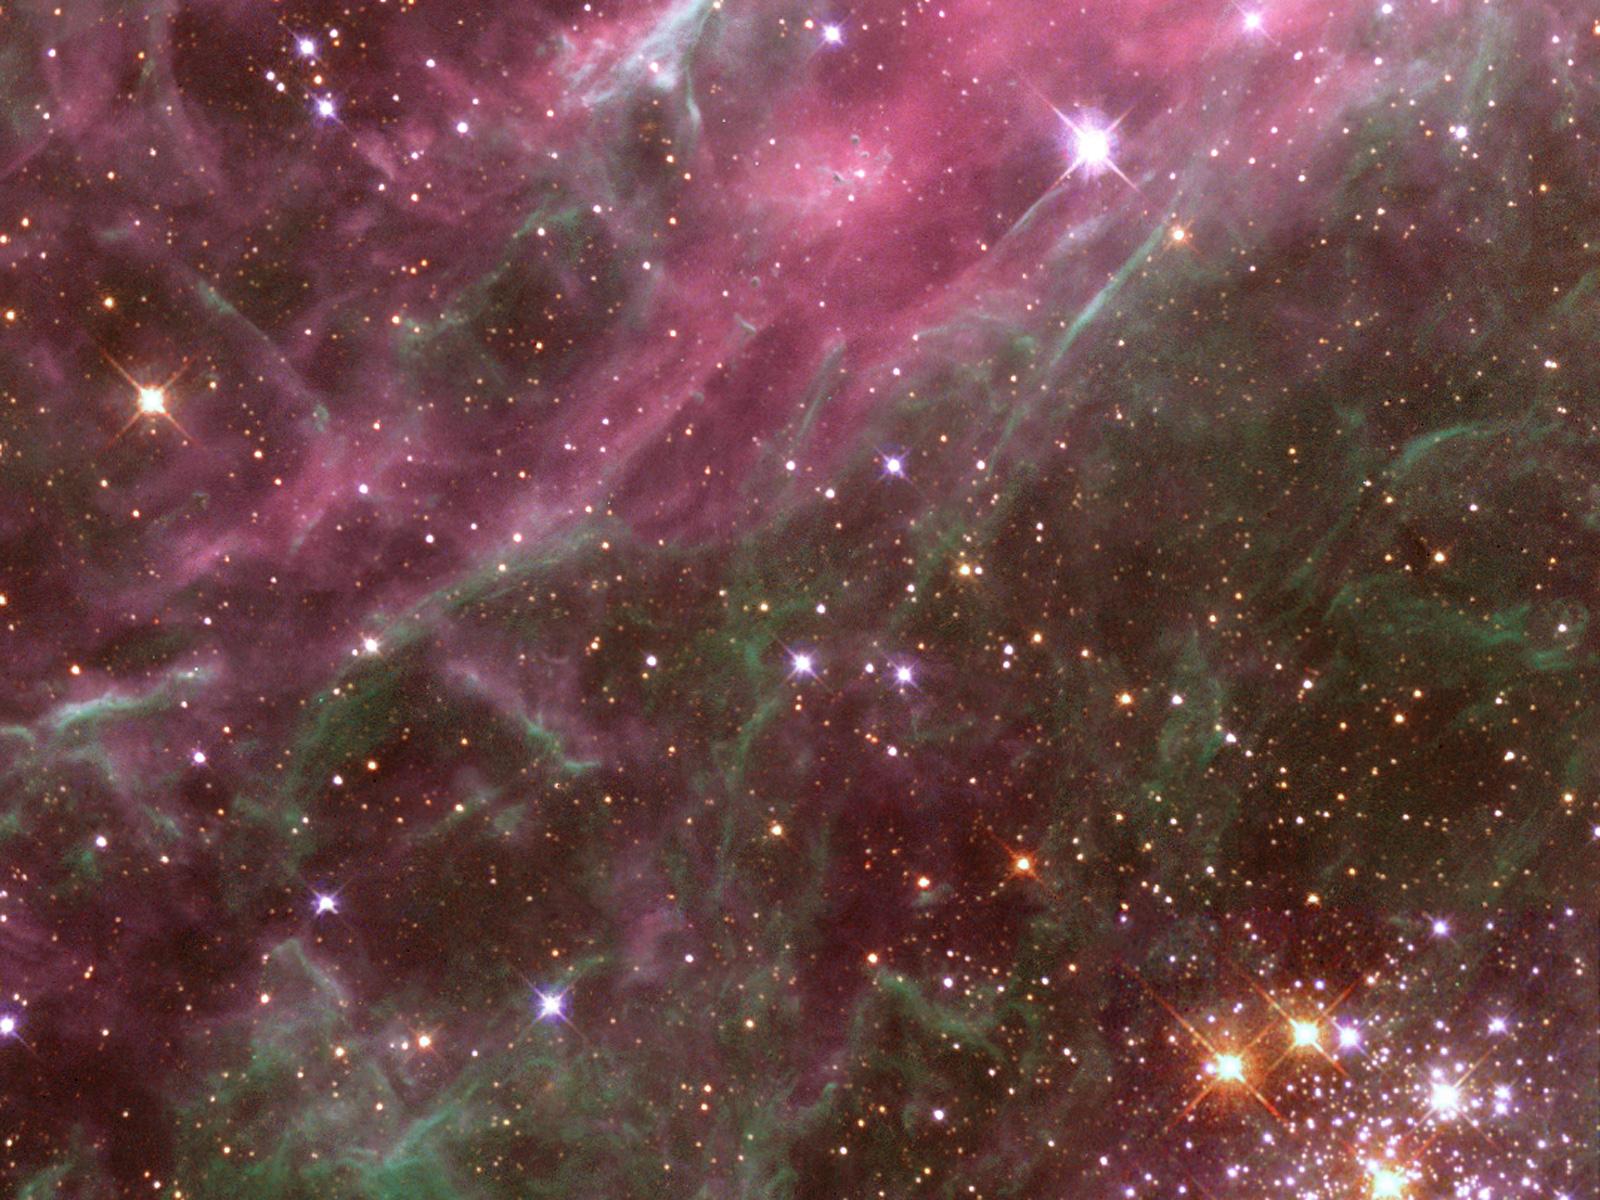 Hubble Wallpaper - Space Wallpaper (647493) - Fanpop